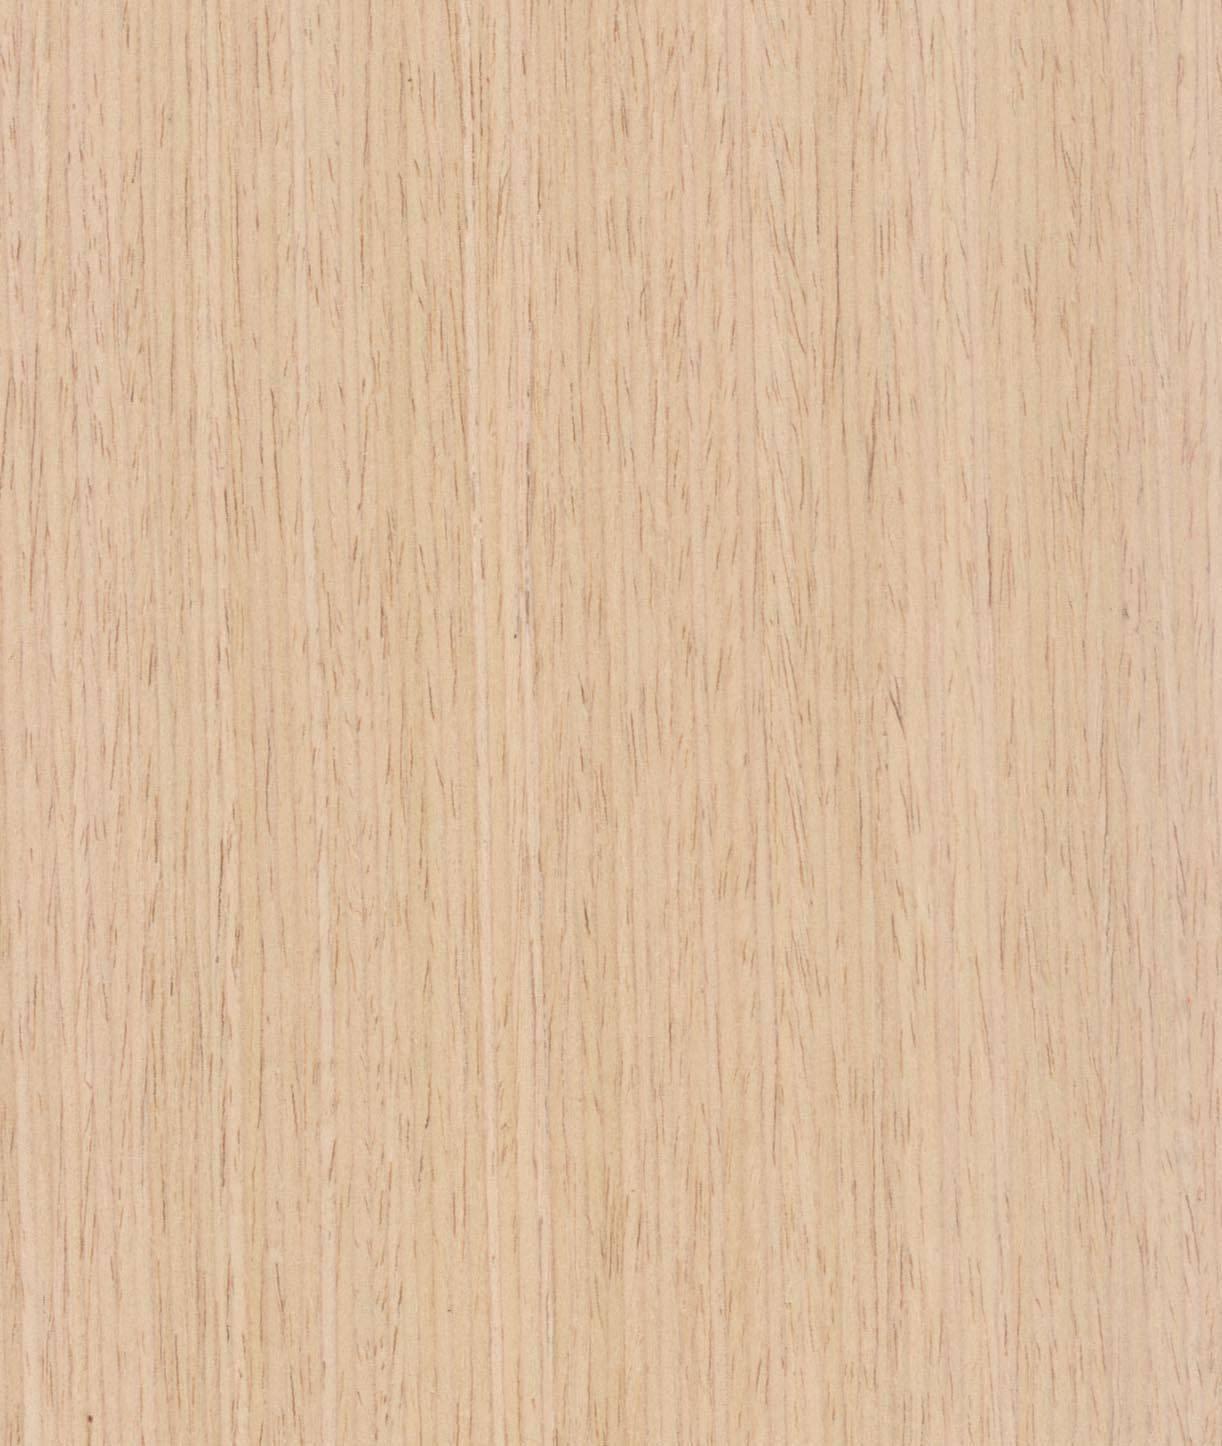 Engineered Oak Veneer